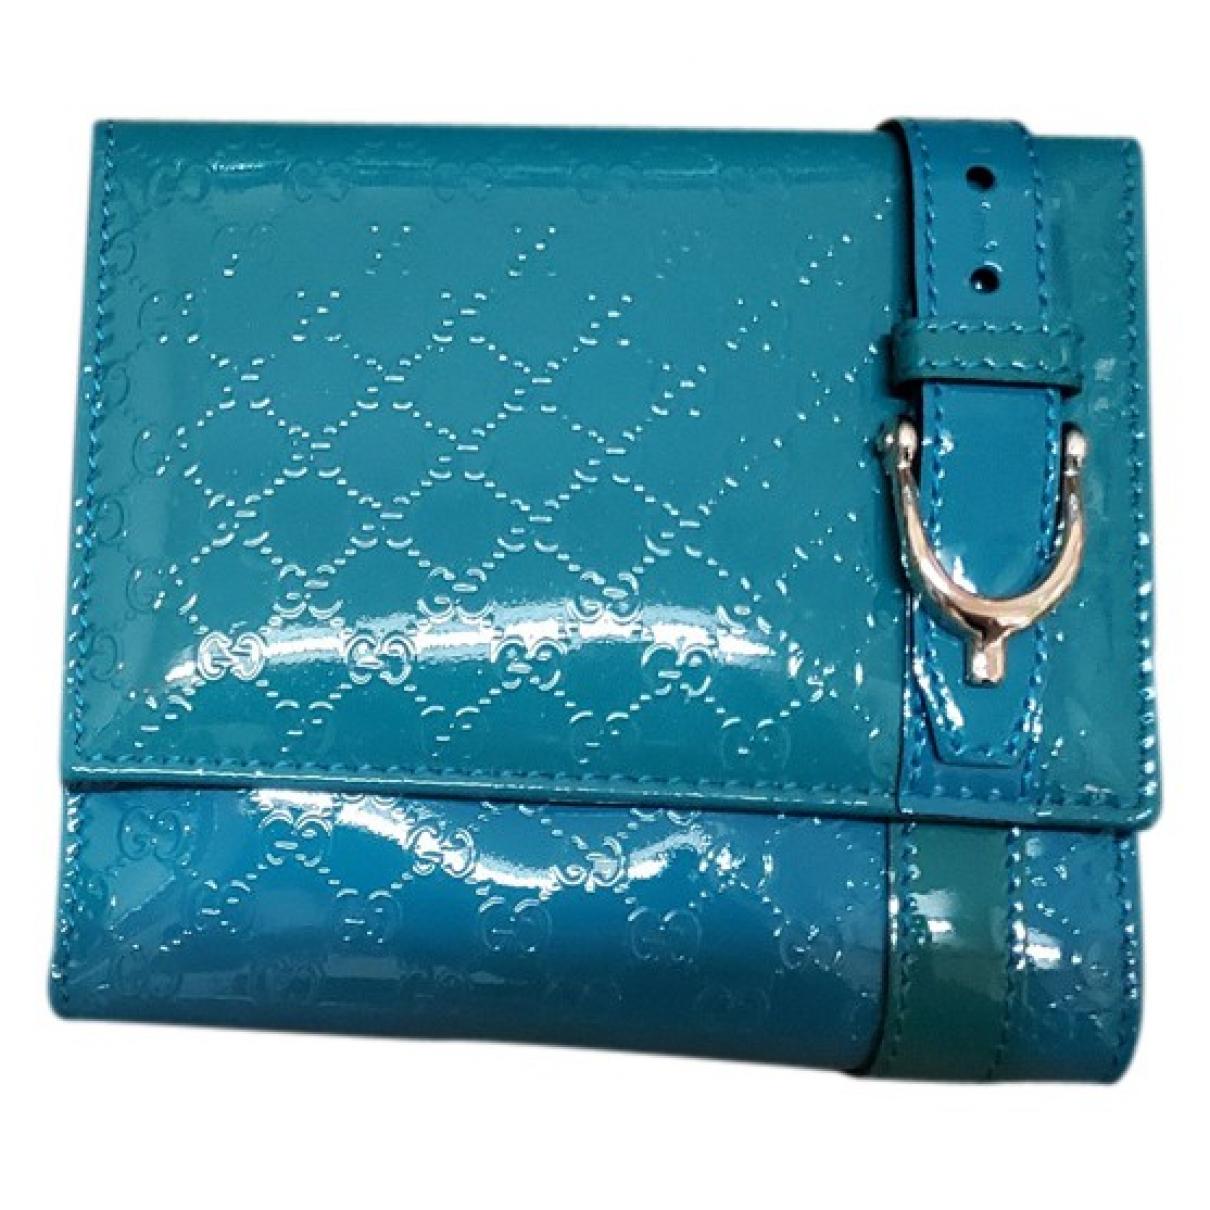 Gucci - Portefeuille   pour femme en cuir verni - vert